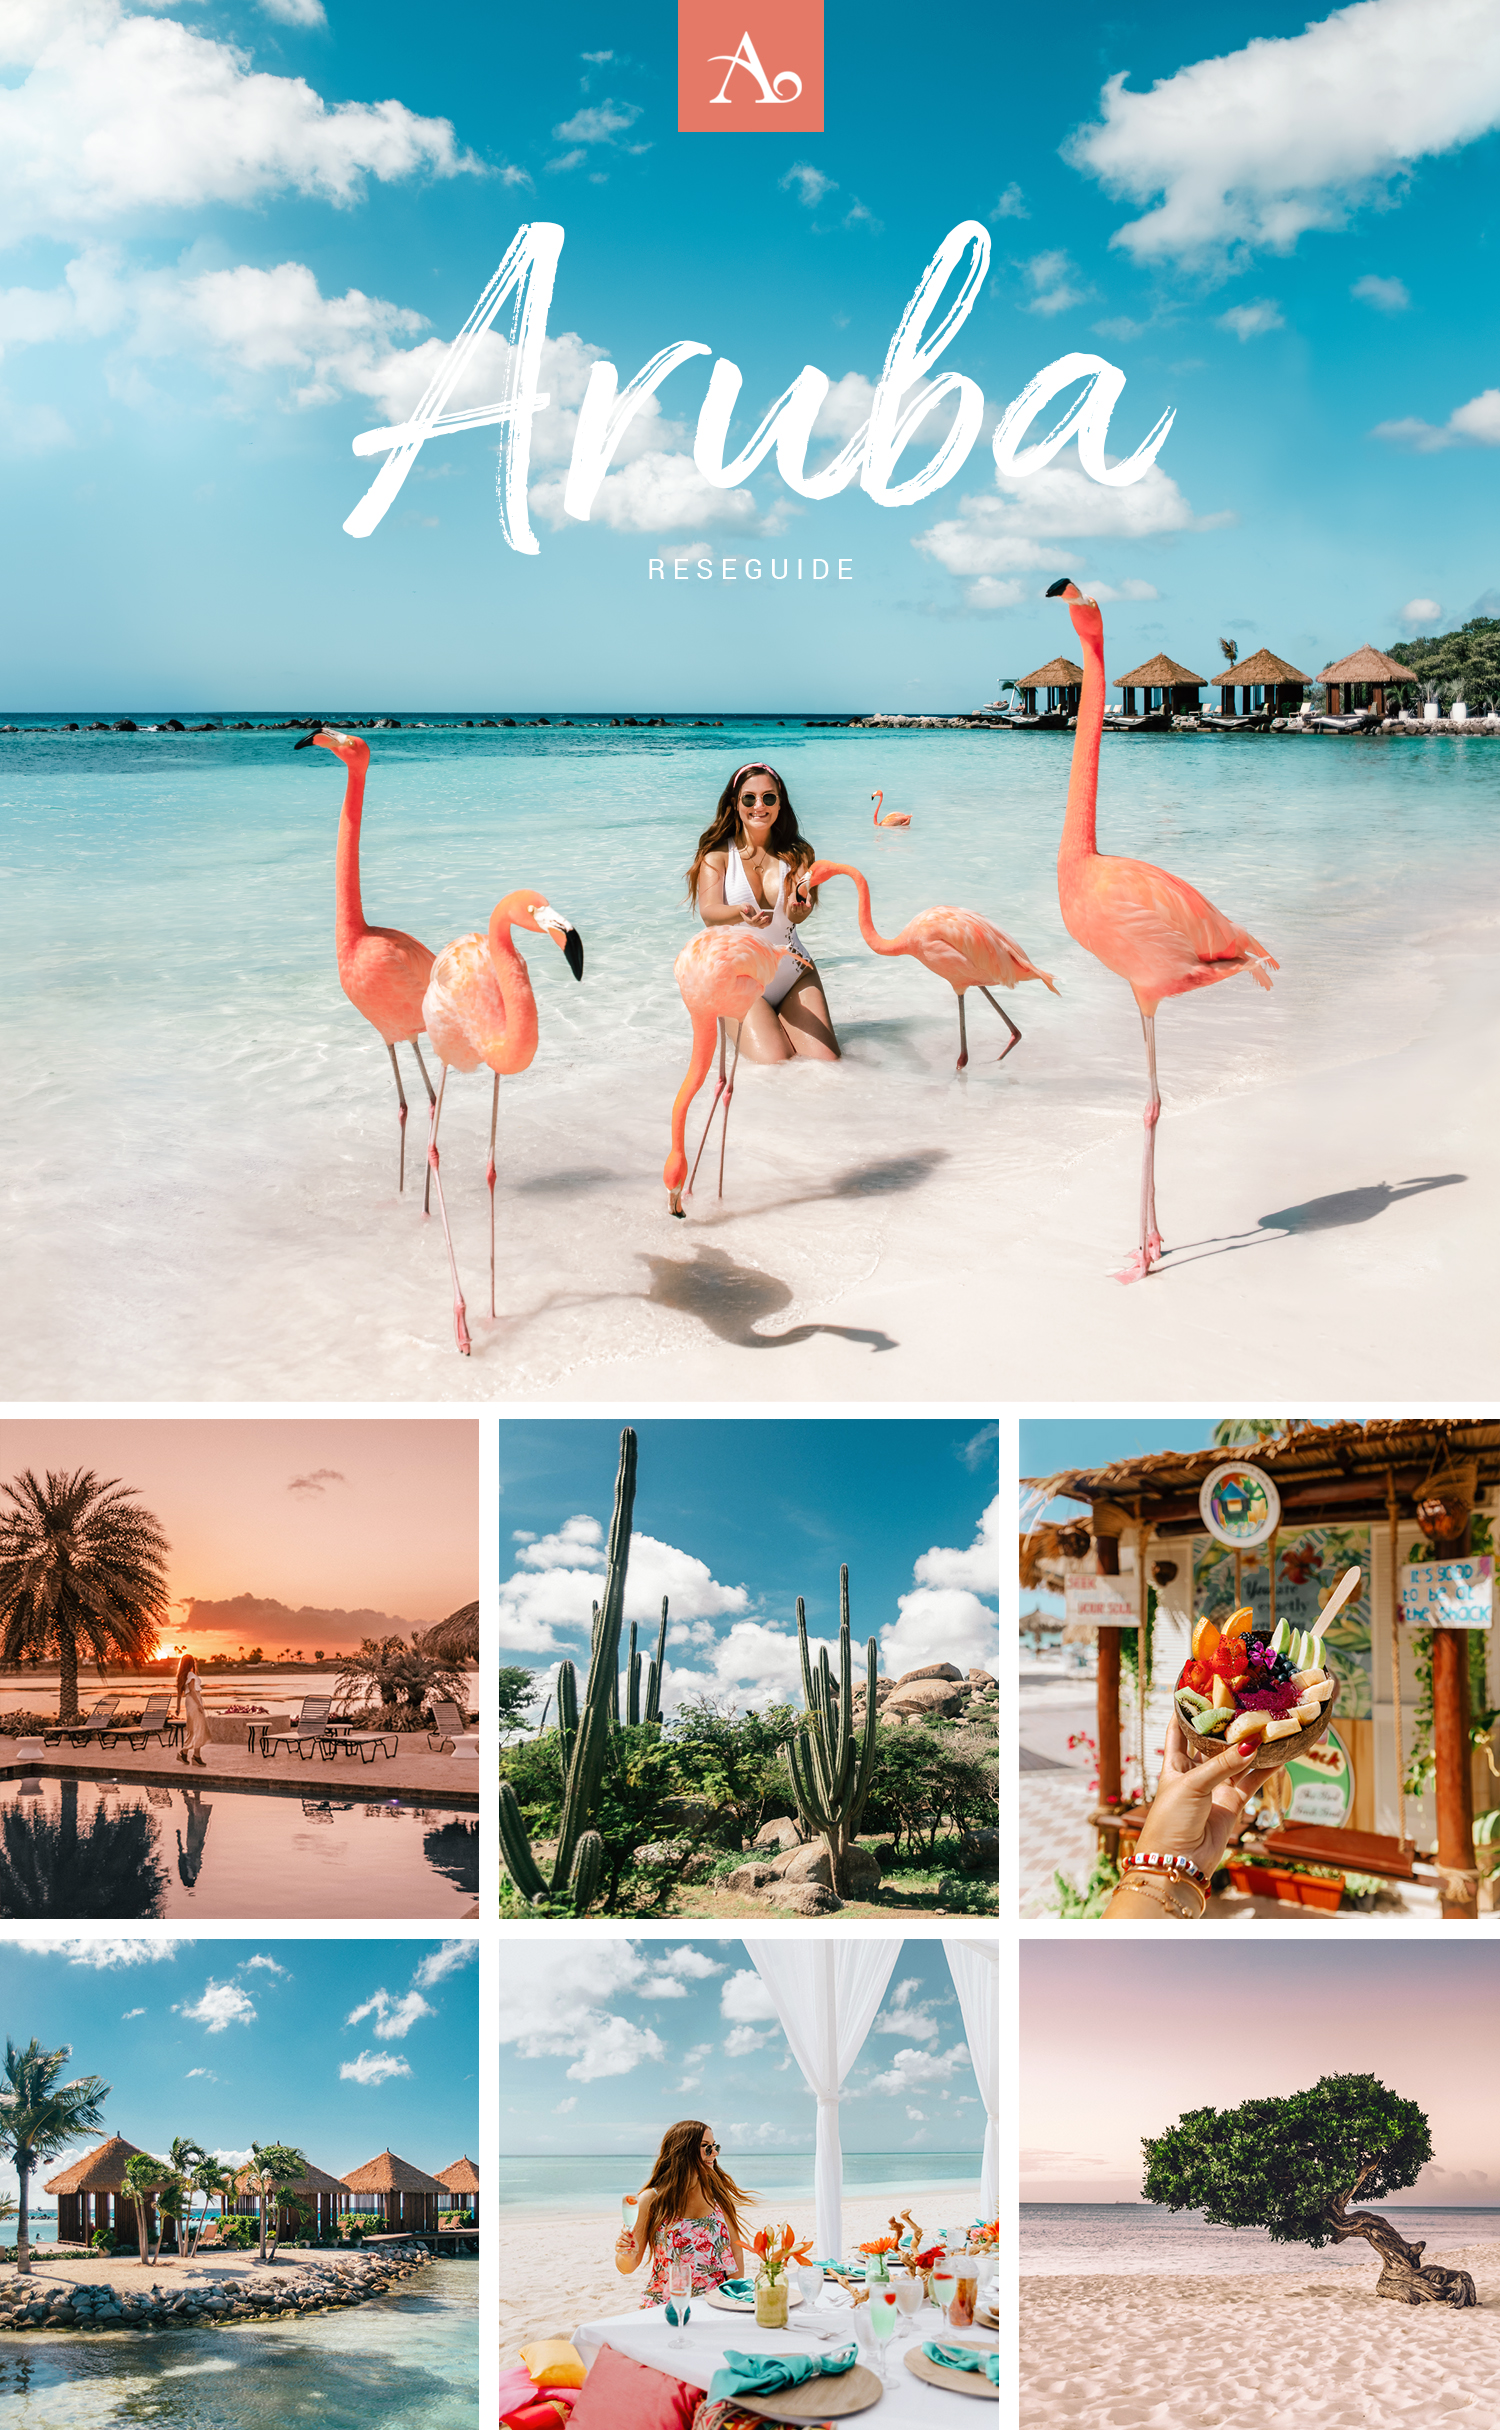 Reseguide till Aruba - Bästa tipsen till karibiska paradisön